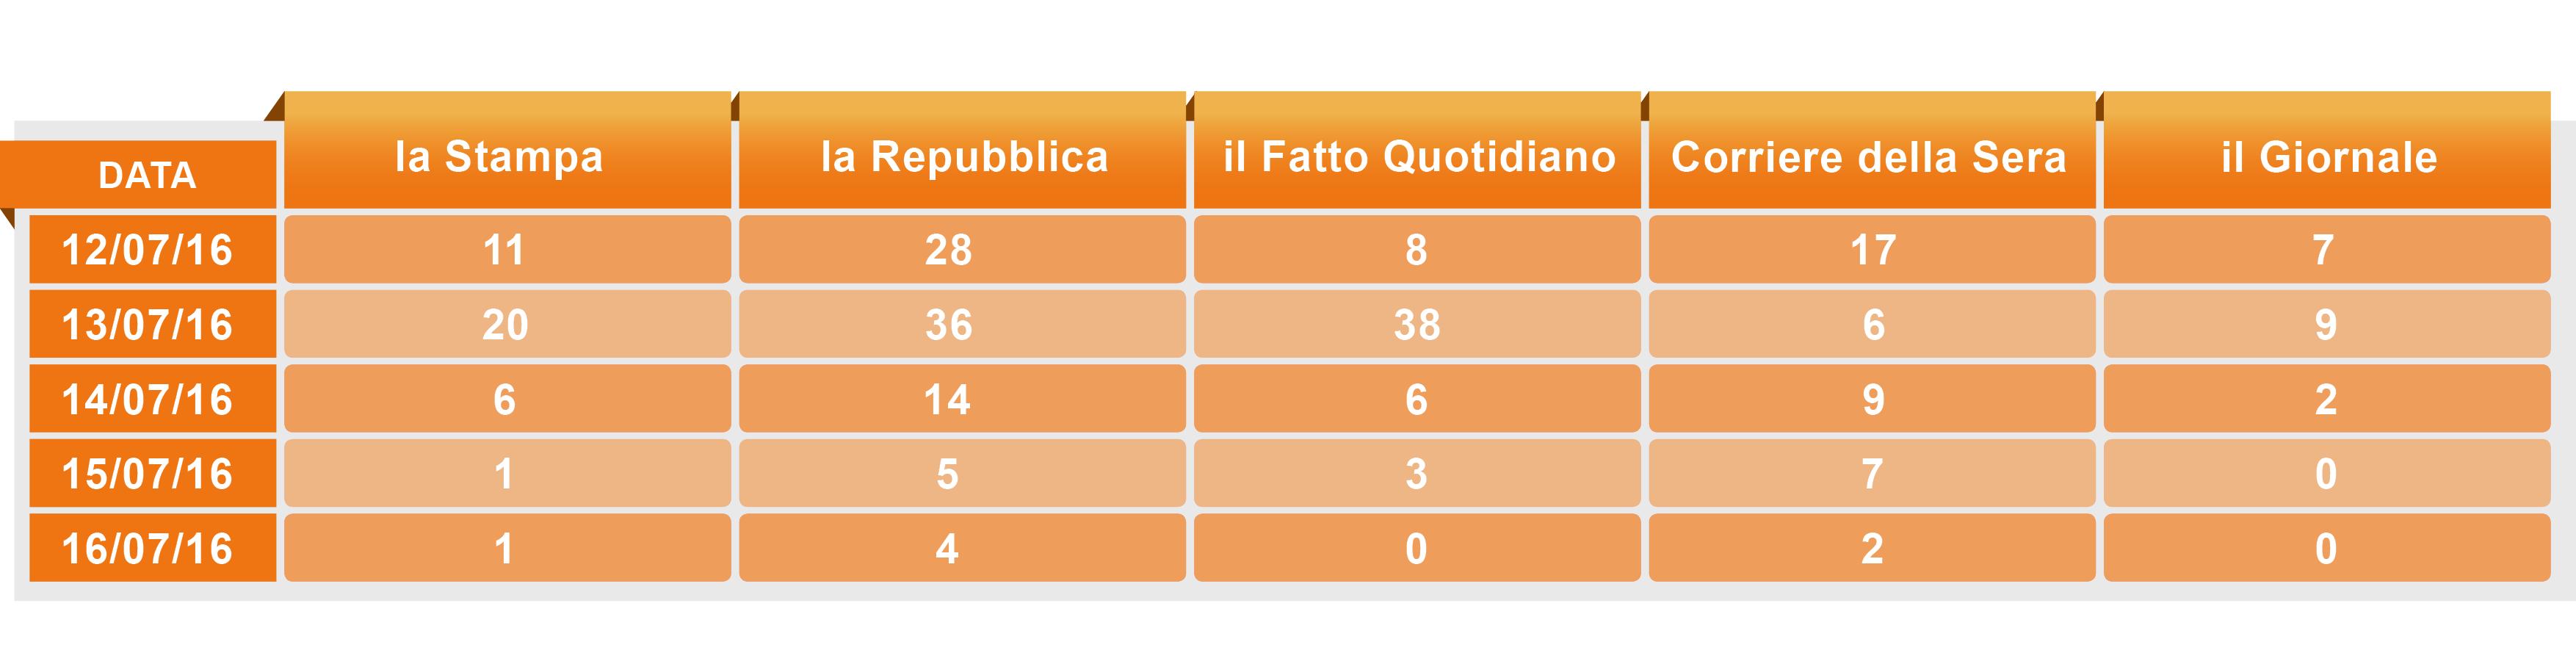 tabella articoli x data2